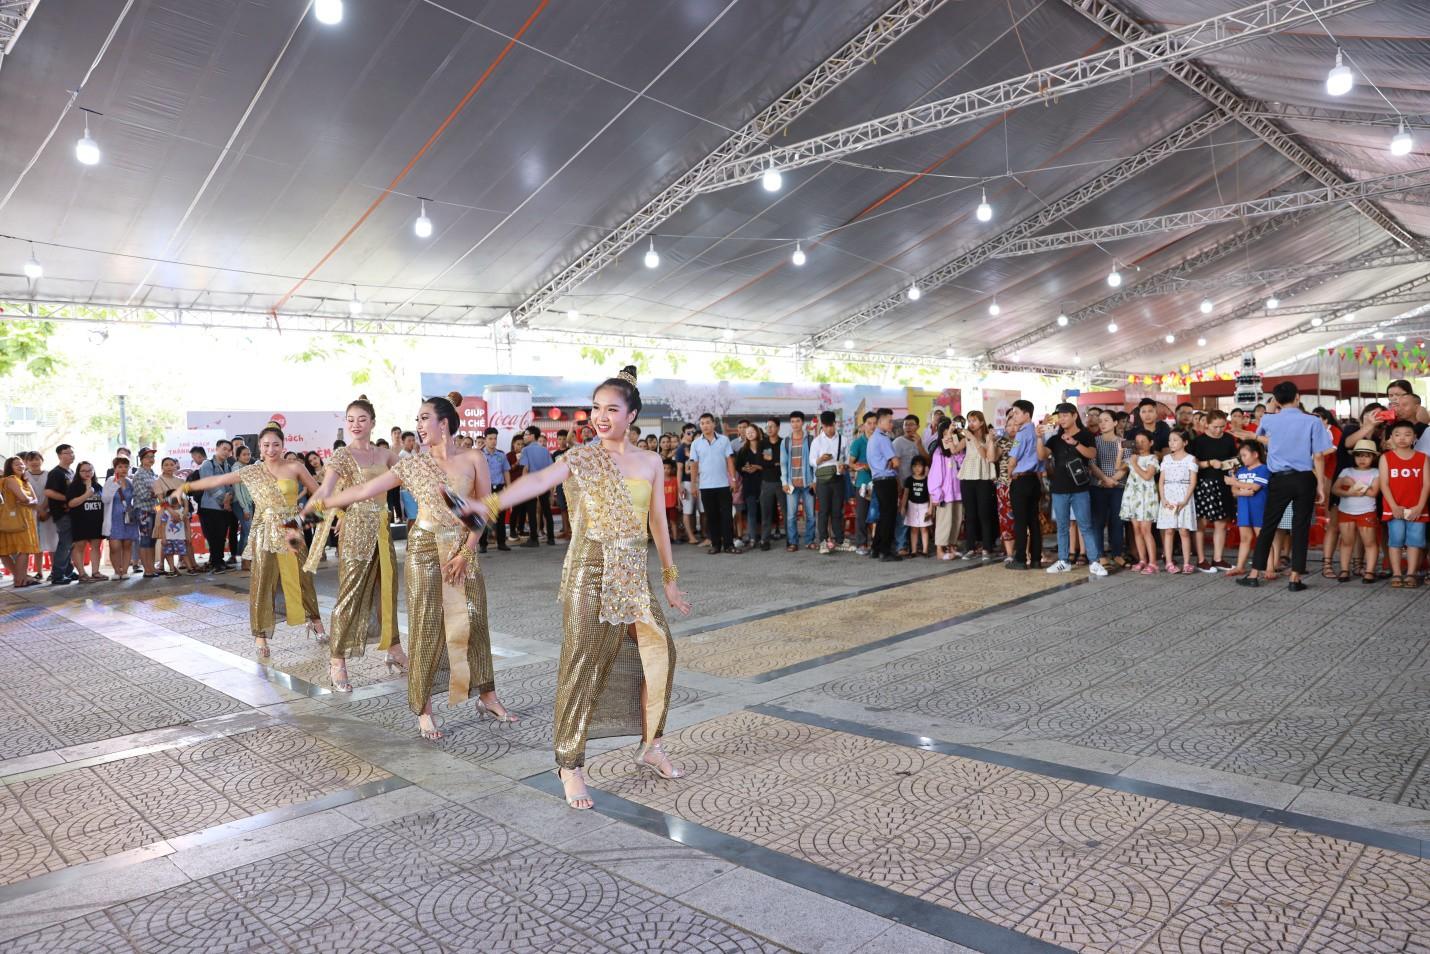 Hàng trăm tín đồ ẩm thực Việt thỏa mãn hết nấc vì được đắm mình trong thiên đường của ngon vật lạ! - Ảnh 8.